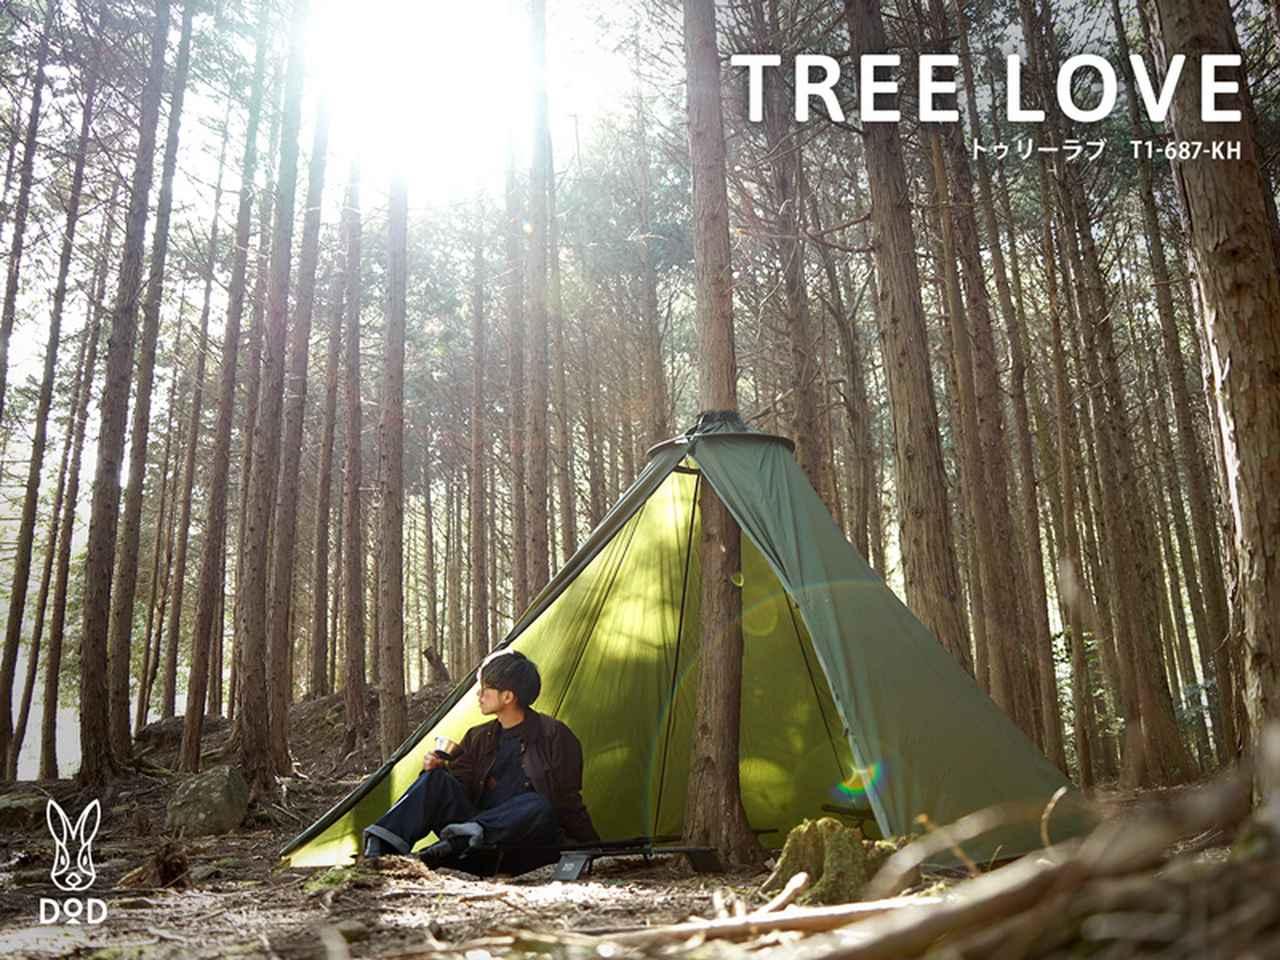 画像3: DOD(ディーオーディー)の新作テント「TREE LOVE(トゥリーラブ)」は木がメインポール?!新しいキャンプの楽しみ方を紹介